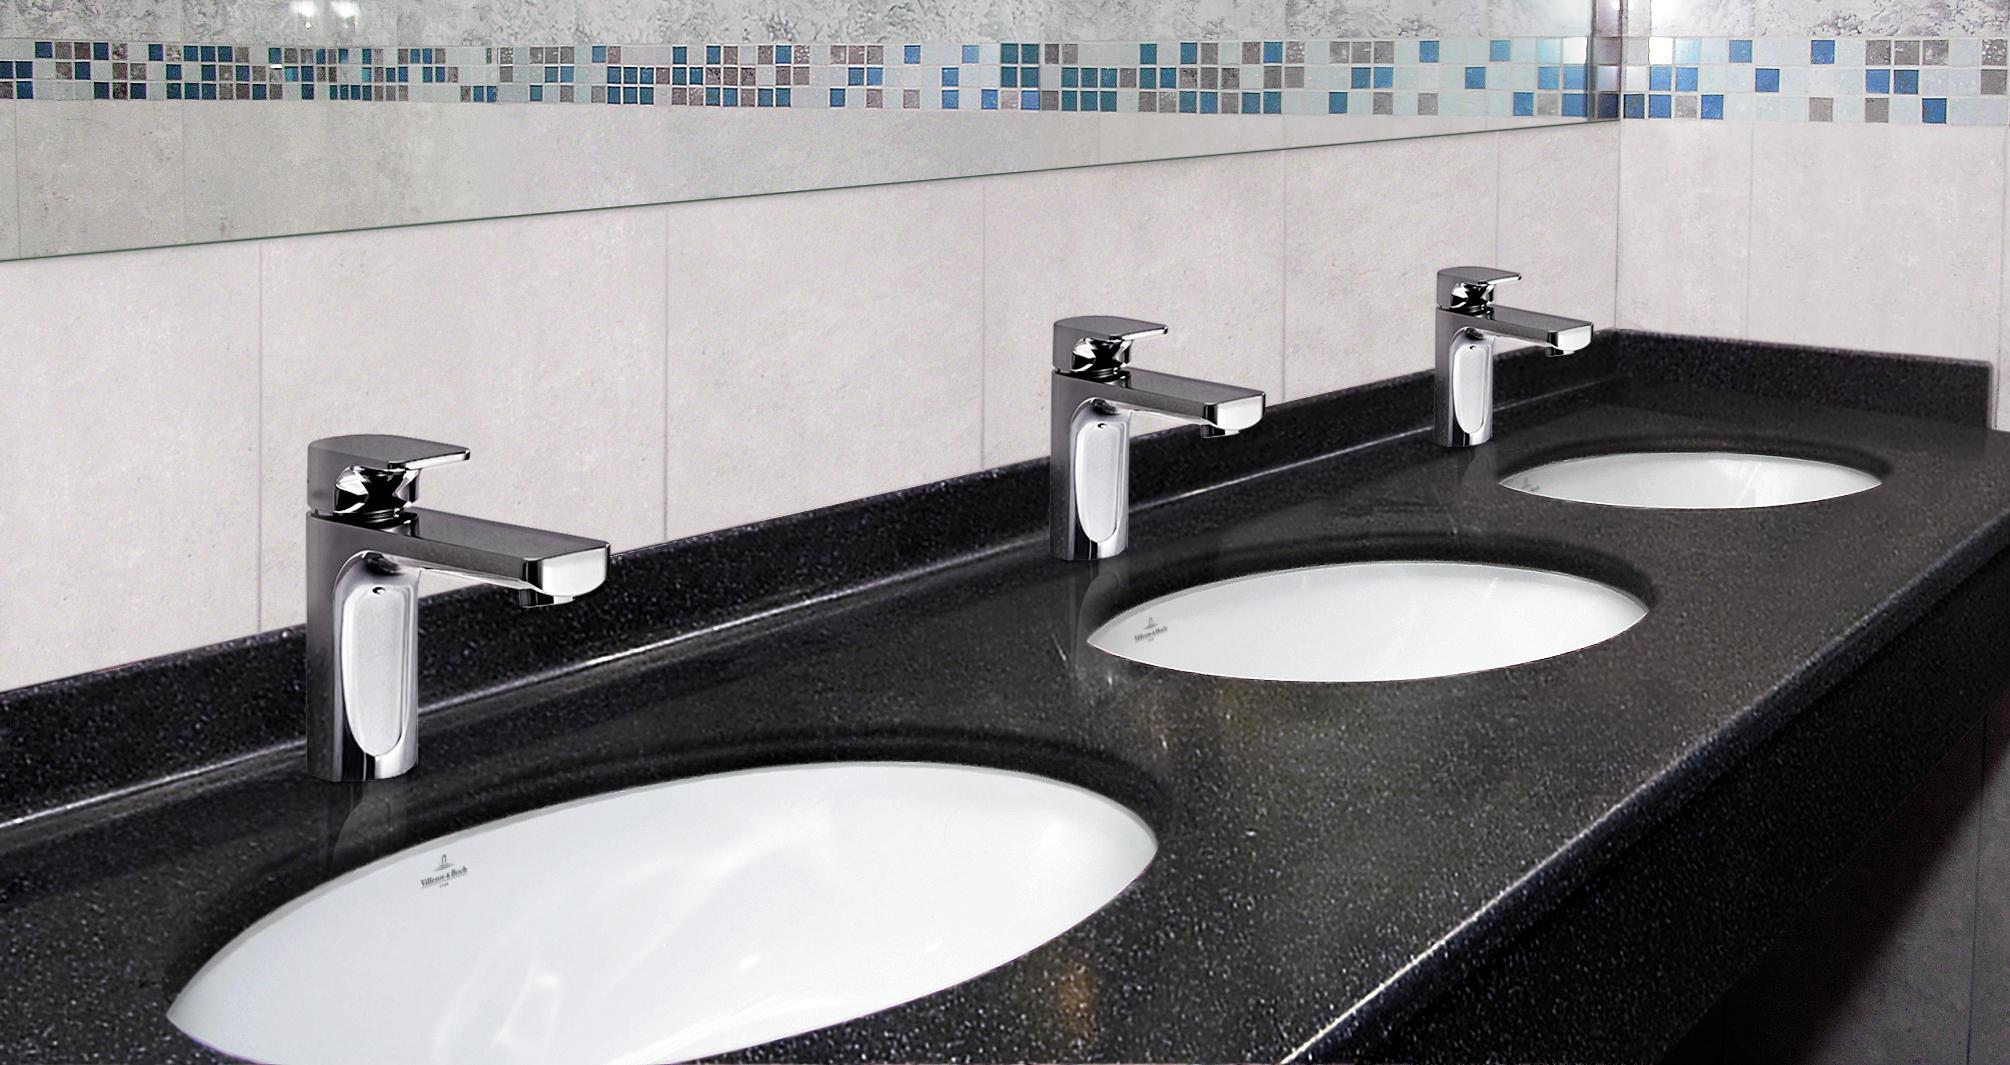 evana vasque 192 encastrer par le dessous lavabos de villeroy boch architonic